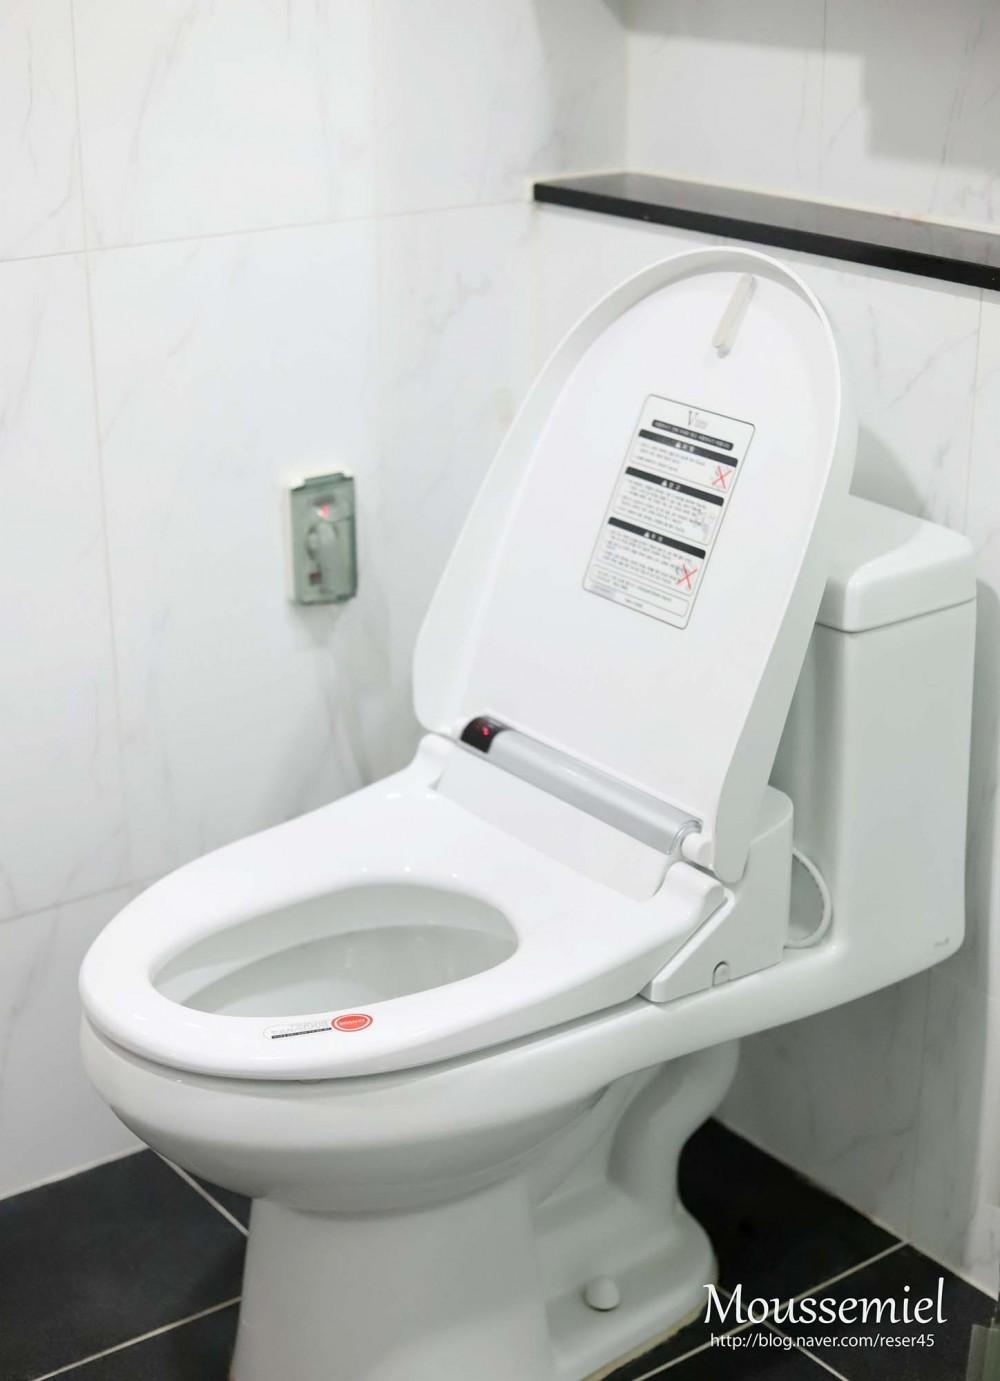 Full Size of Dusch Wc Aufsatz Vovo Vb4100s Bodengleiche Dusche Fliesen Komplett Set Grohe Glasabtrennung Badewanne Mit Einbauen Behindertengerechte Bodengleich Thermostat Dusche Dusch Wc Aufsatz